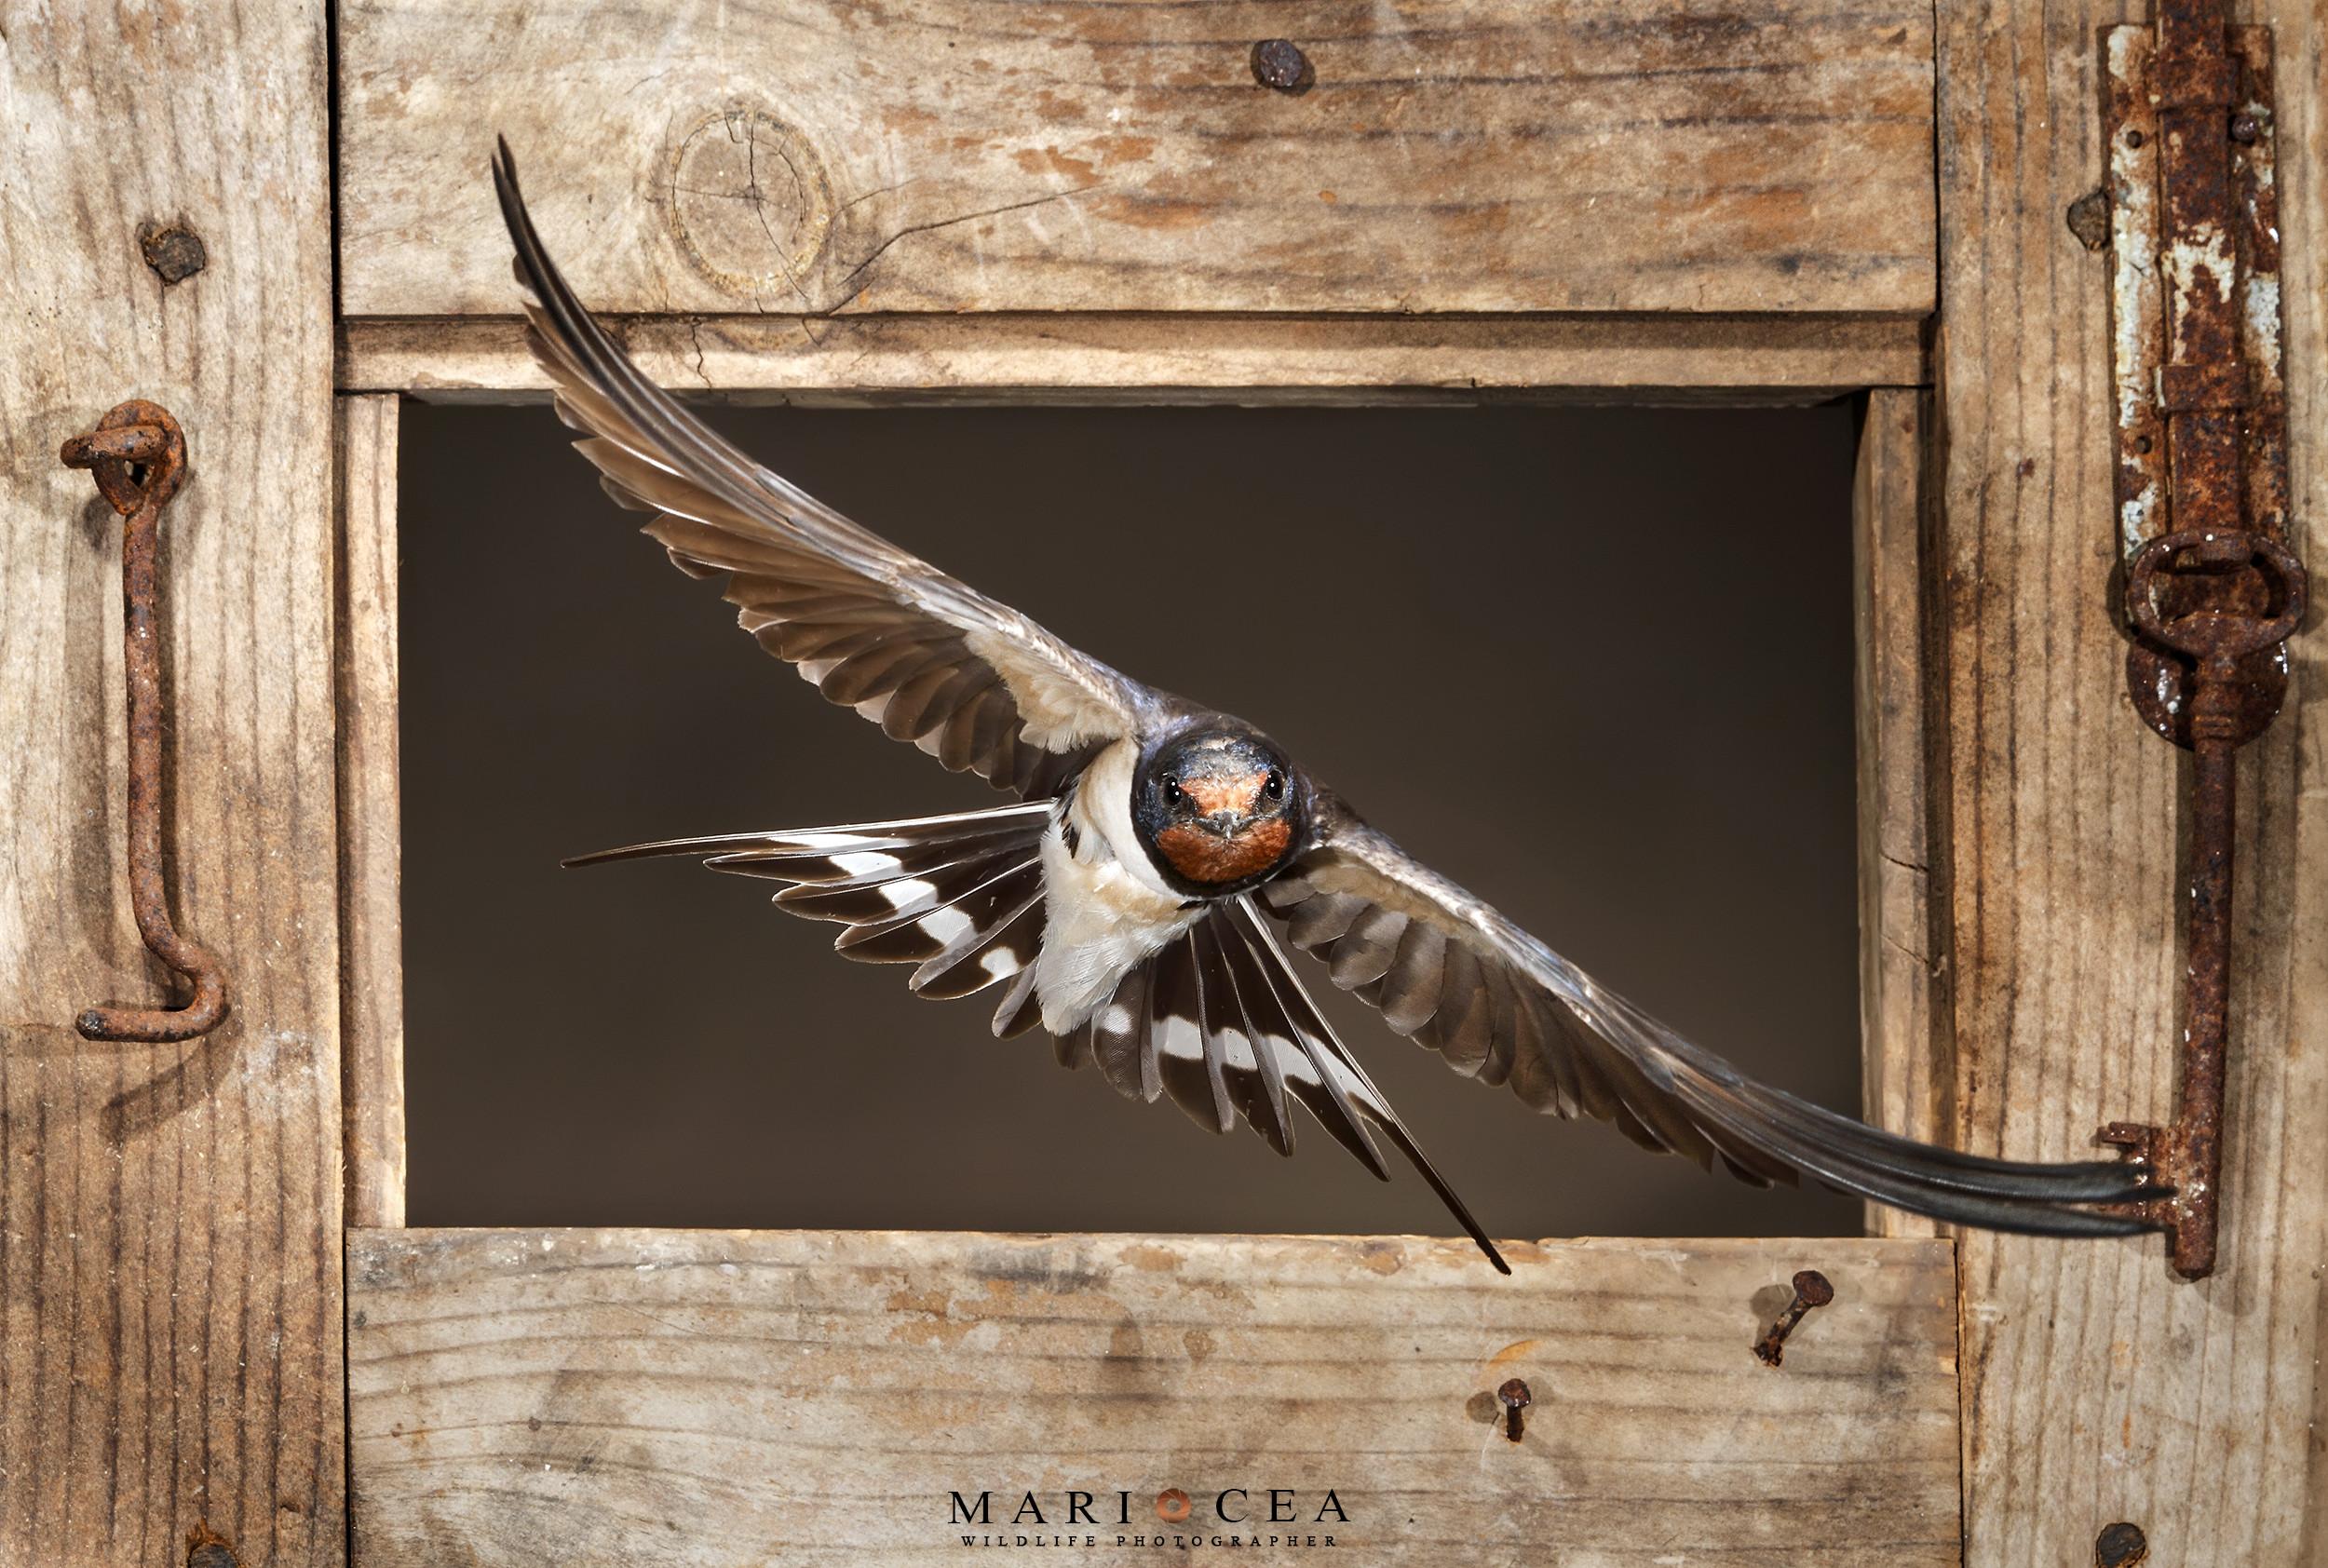 Fotografías de naturaleza tomadas por Mario Cea